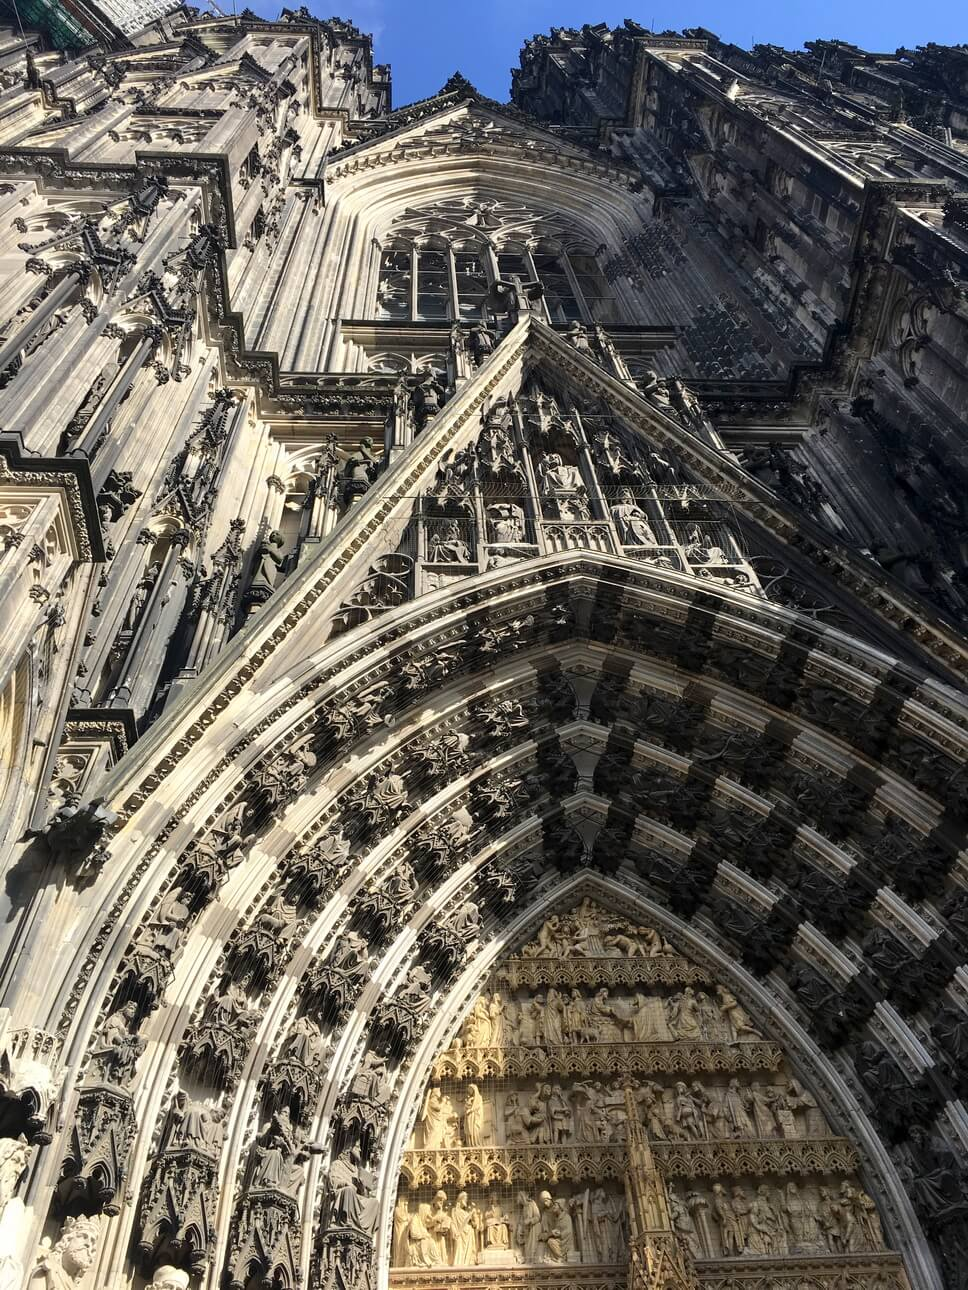 Catedral gótica de Colonia, Alemania. Patrimonio de la Humanidad por la UNESCO.